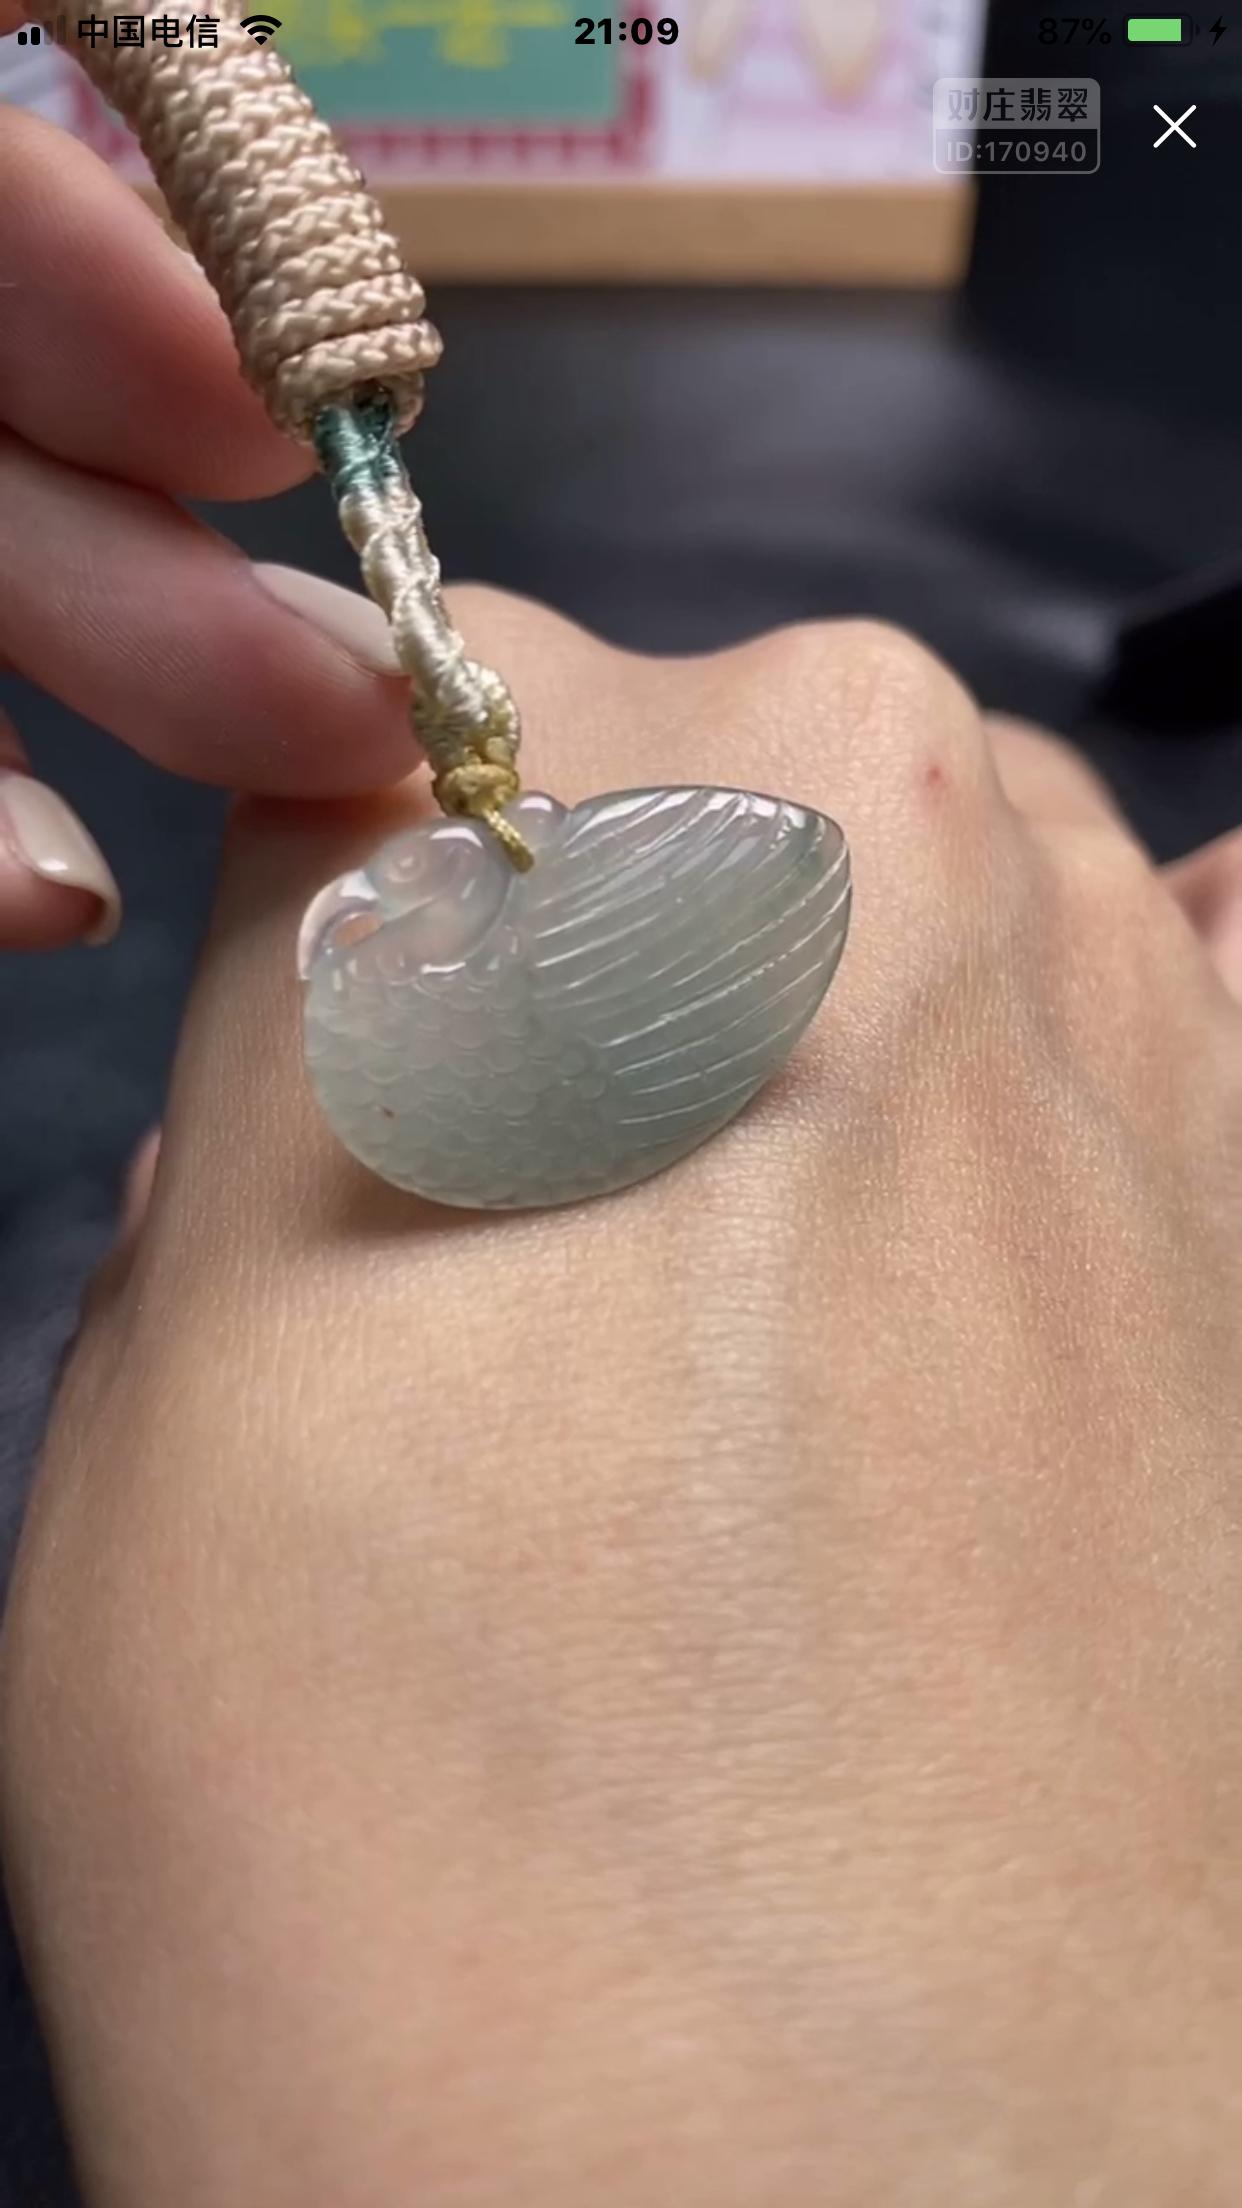 翠友9**:要买成双成对的🙊😂期待那只绿头鸭🙈😜感谢🙏会会晴宝宝梦菲海燕姐